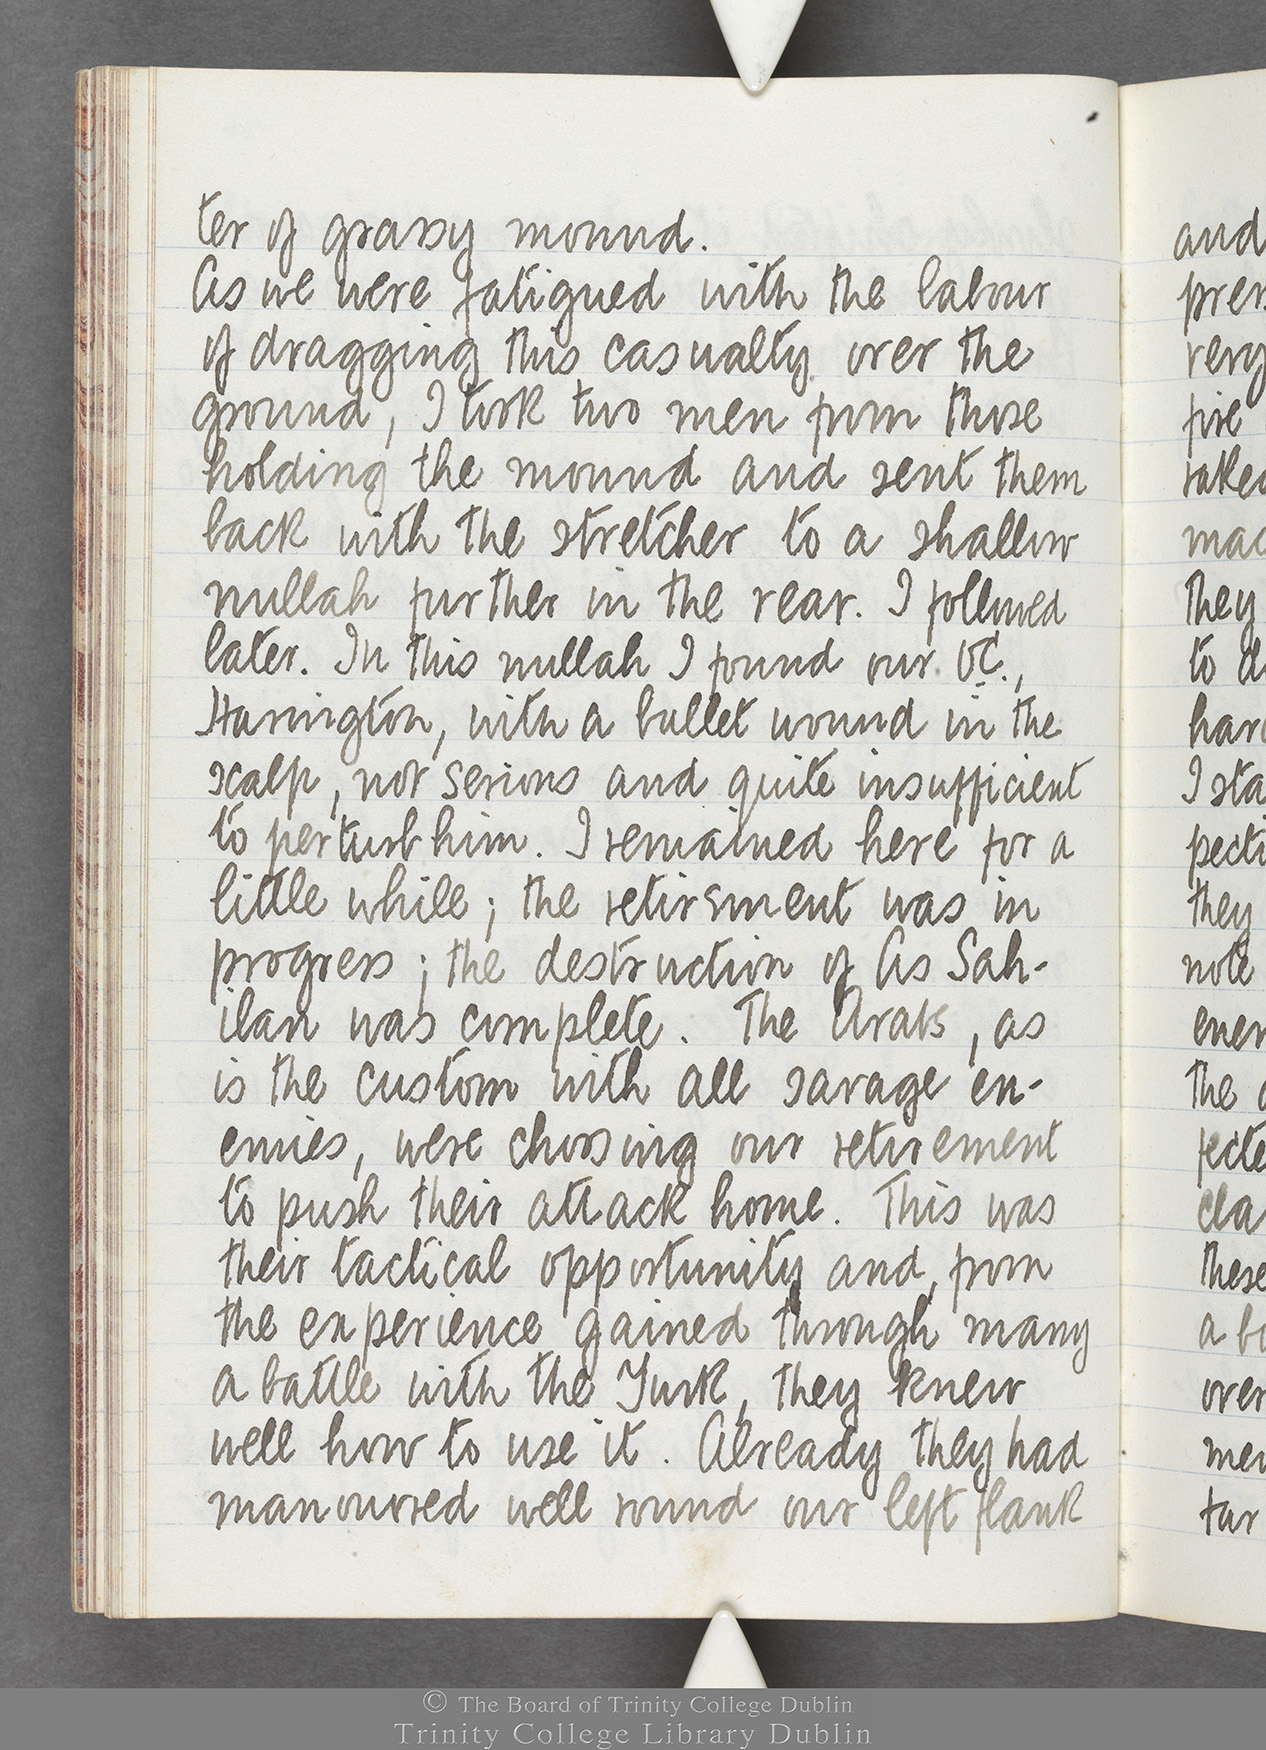 TCD MS 10516 folio 36 verso